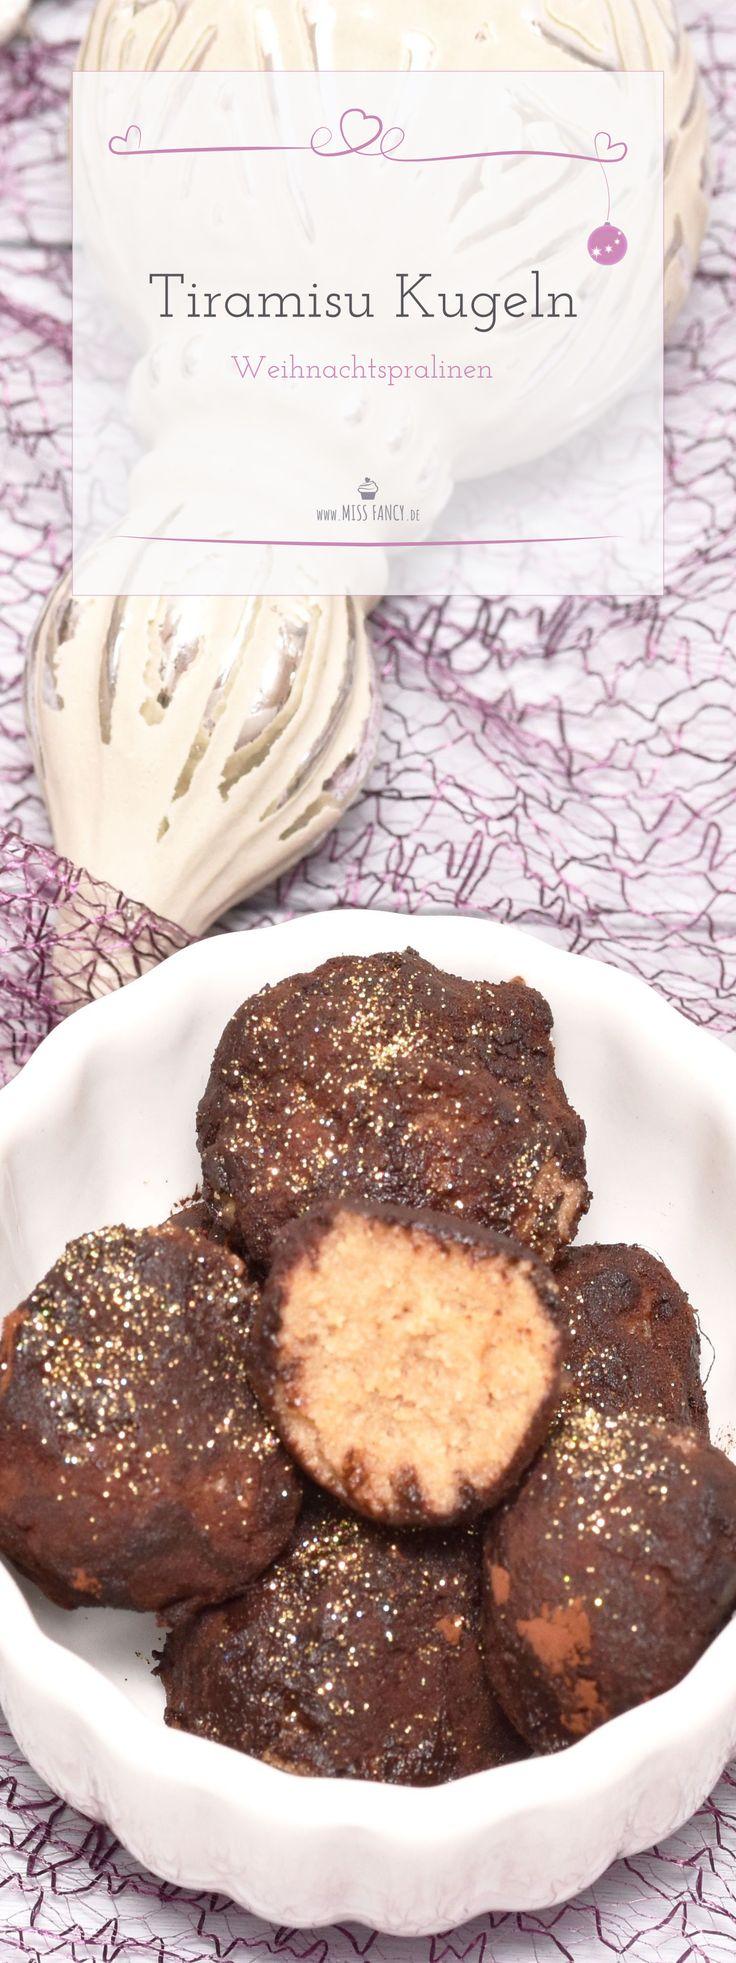 Tiramisu ist ein Nachtisch den ich unheimlich gerne esse, ob in Eis oder  Dessert – einfach lecker! Wie einfach du diese Kugeln nachmachen  kannst, verrate ich dir auf meinem Blog :) #Tiramisu #Pralinen #DIY #Lieblingsglas #Weihnachtsdessert #Dessert